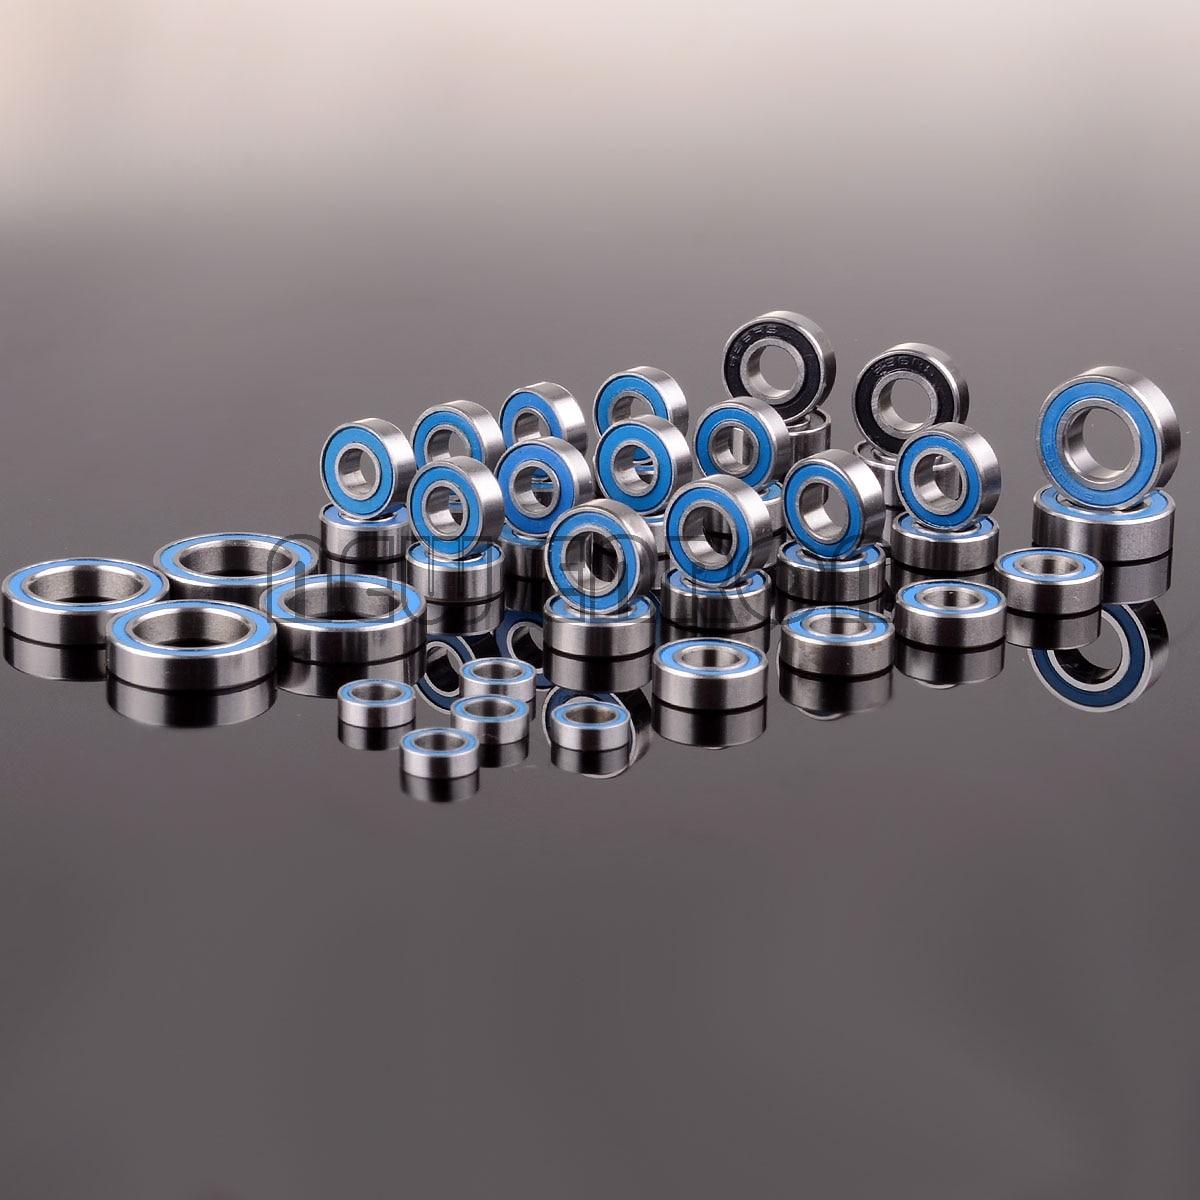 744.88руб. 10% СКИДКА|Новый ENRON синий шариковый подшипник метрический Резиновый Герметичный 43 шт. RC автомобиль подходит для Traxxas Summit комплект для подшипников 12|Детали и аксессуары| |  - AliExpress